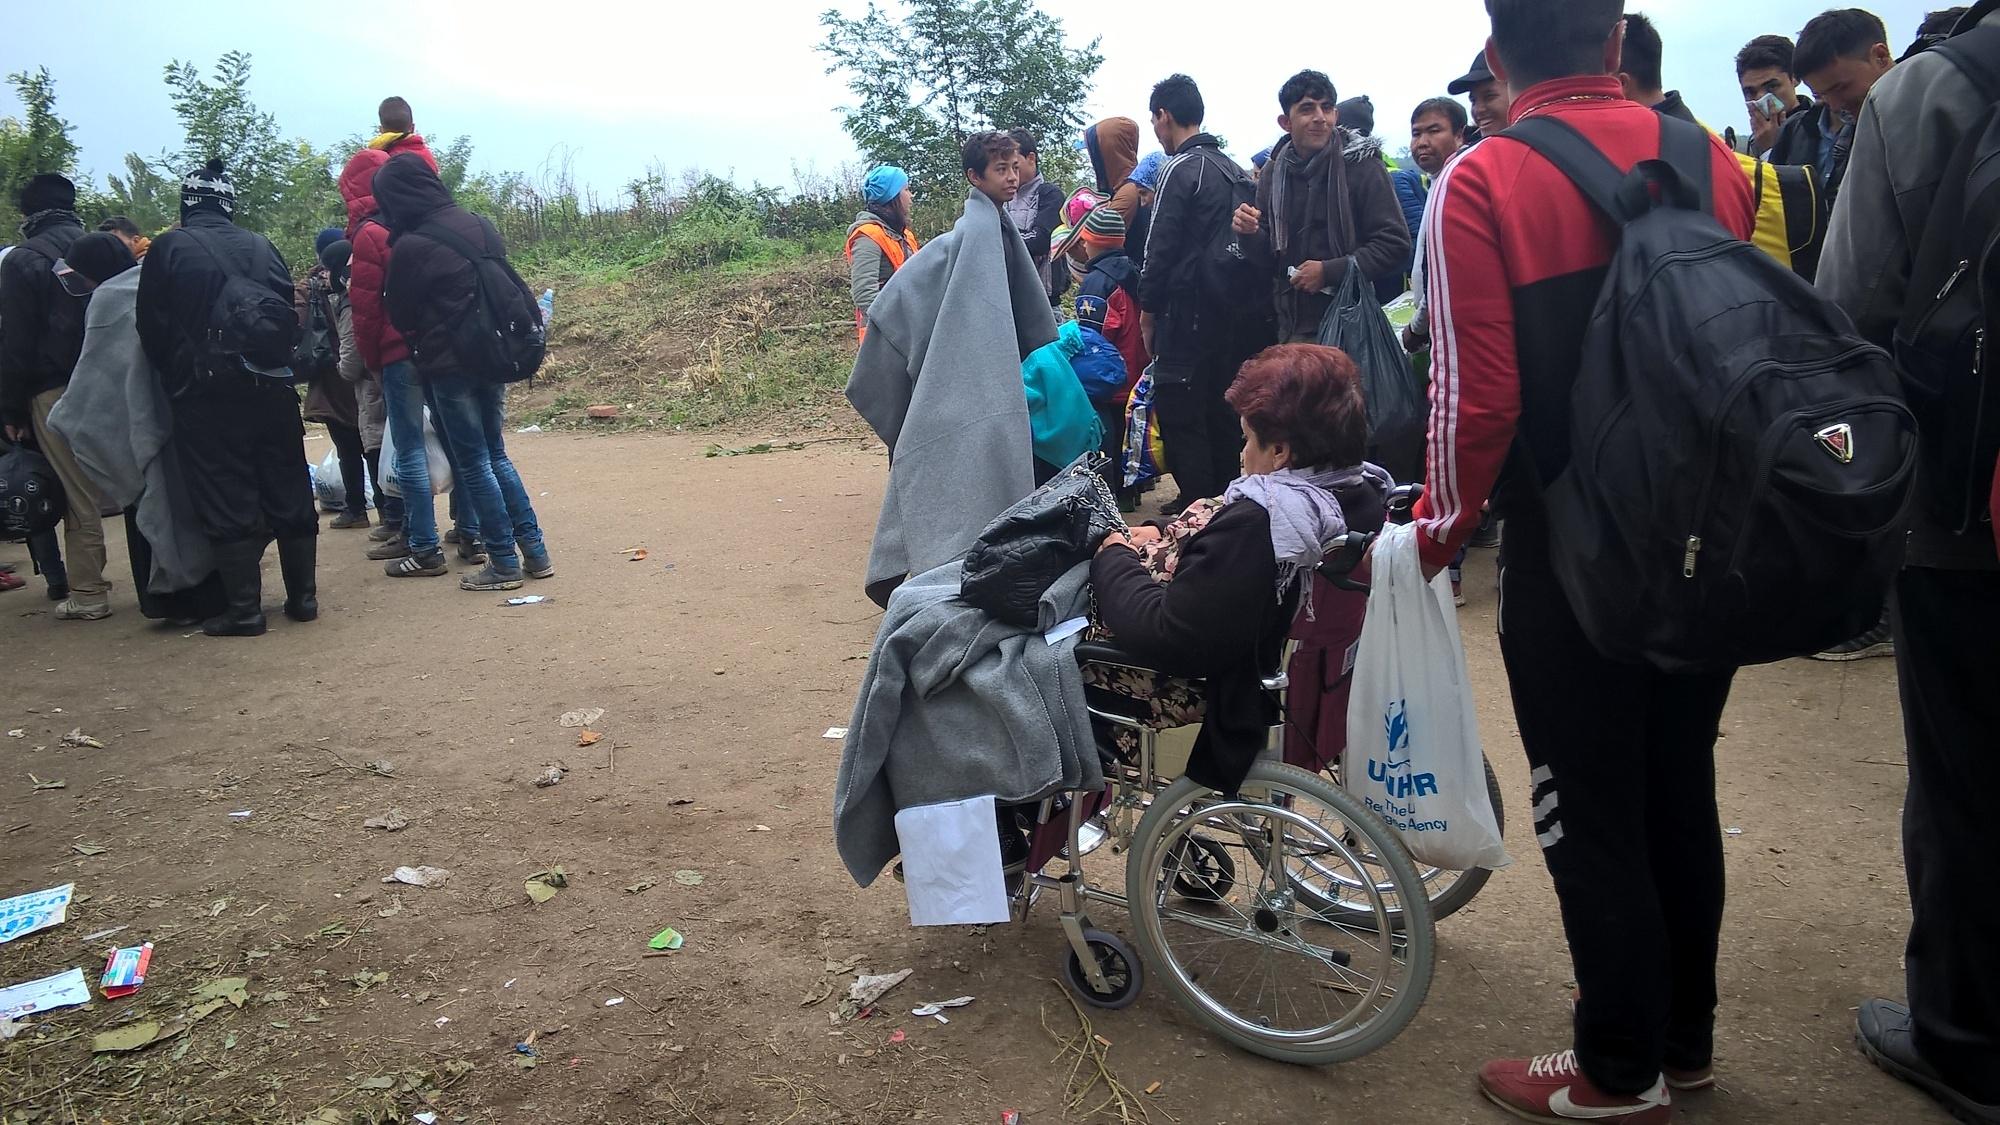 Mezi uprchlíky byli i staří lidé či vozíčkáři